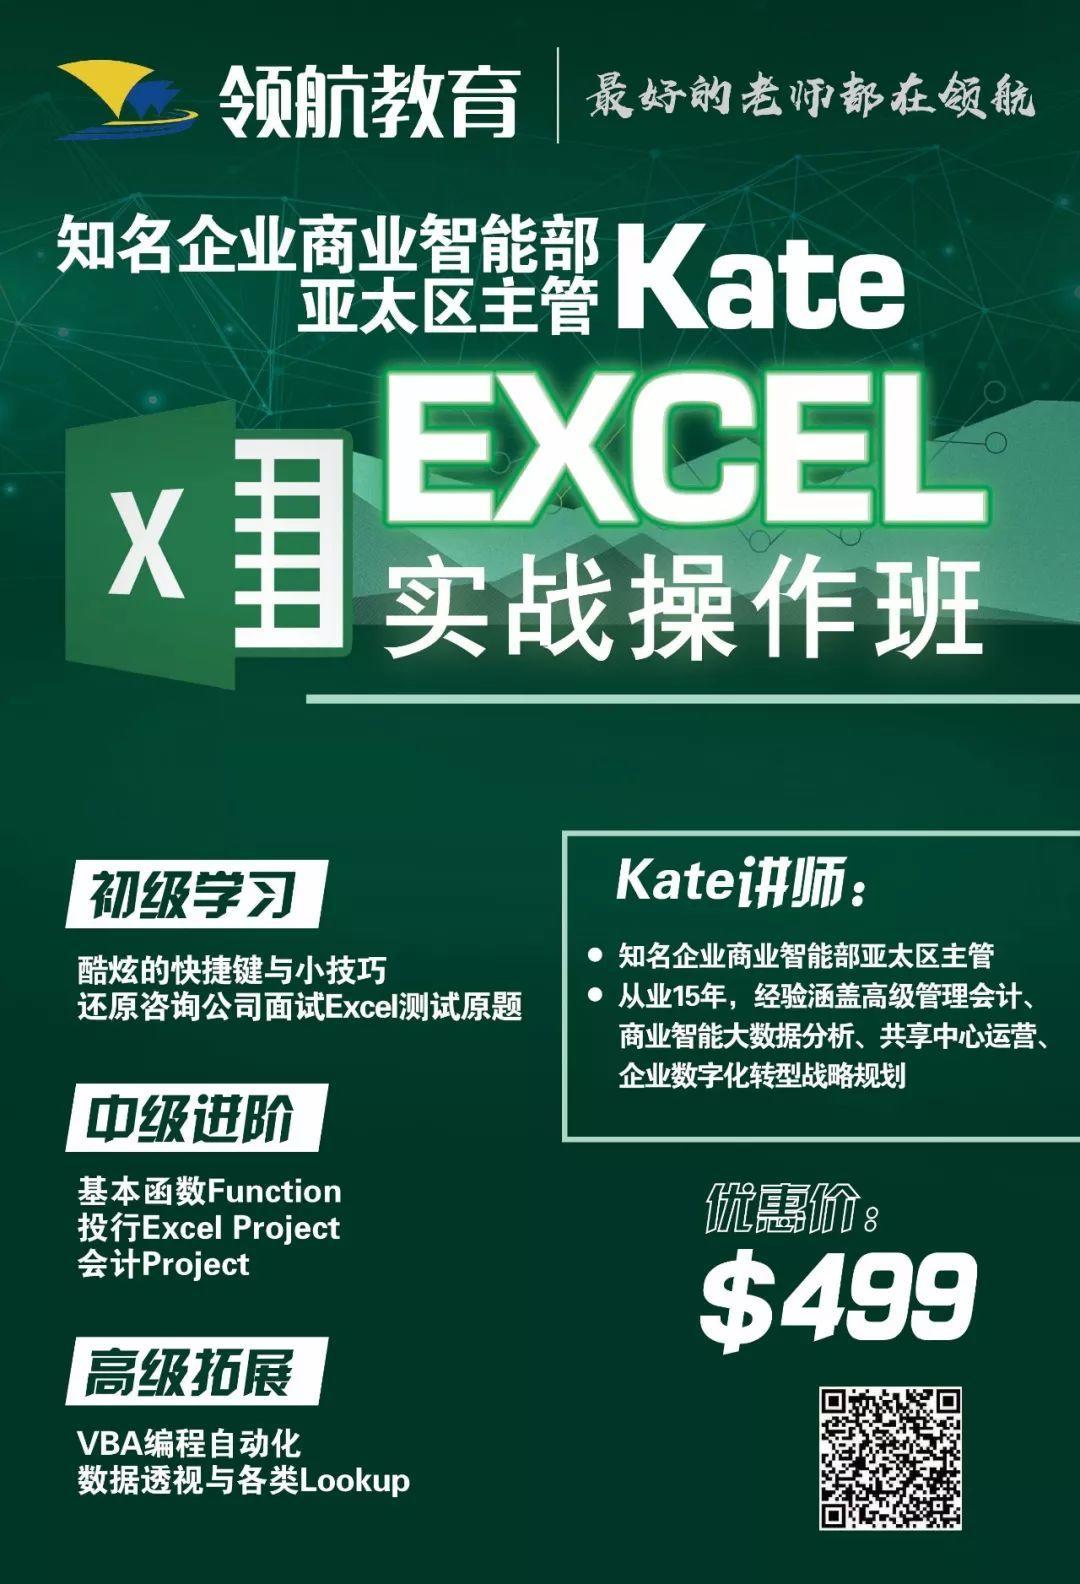 【揭秘】投行/四大面试通关技能全公开,你和Excel高阶玩家的距离只差这篇文章!